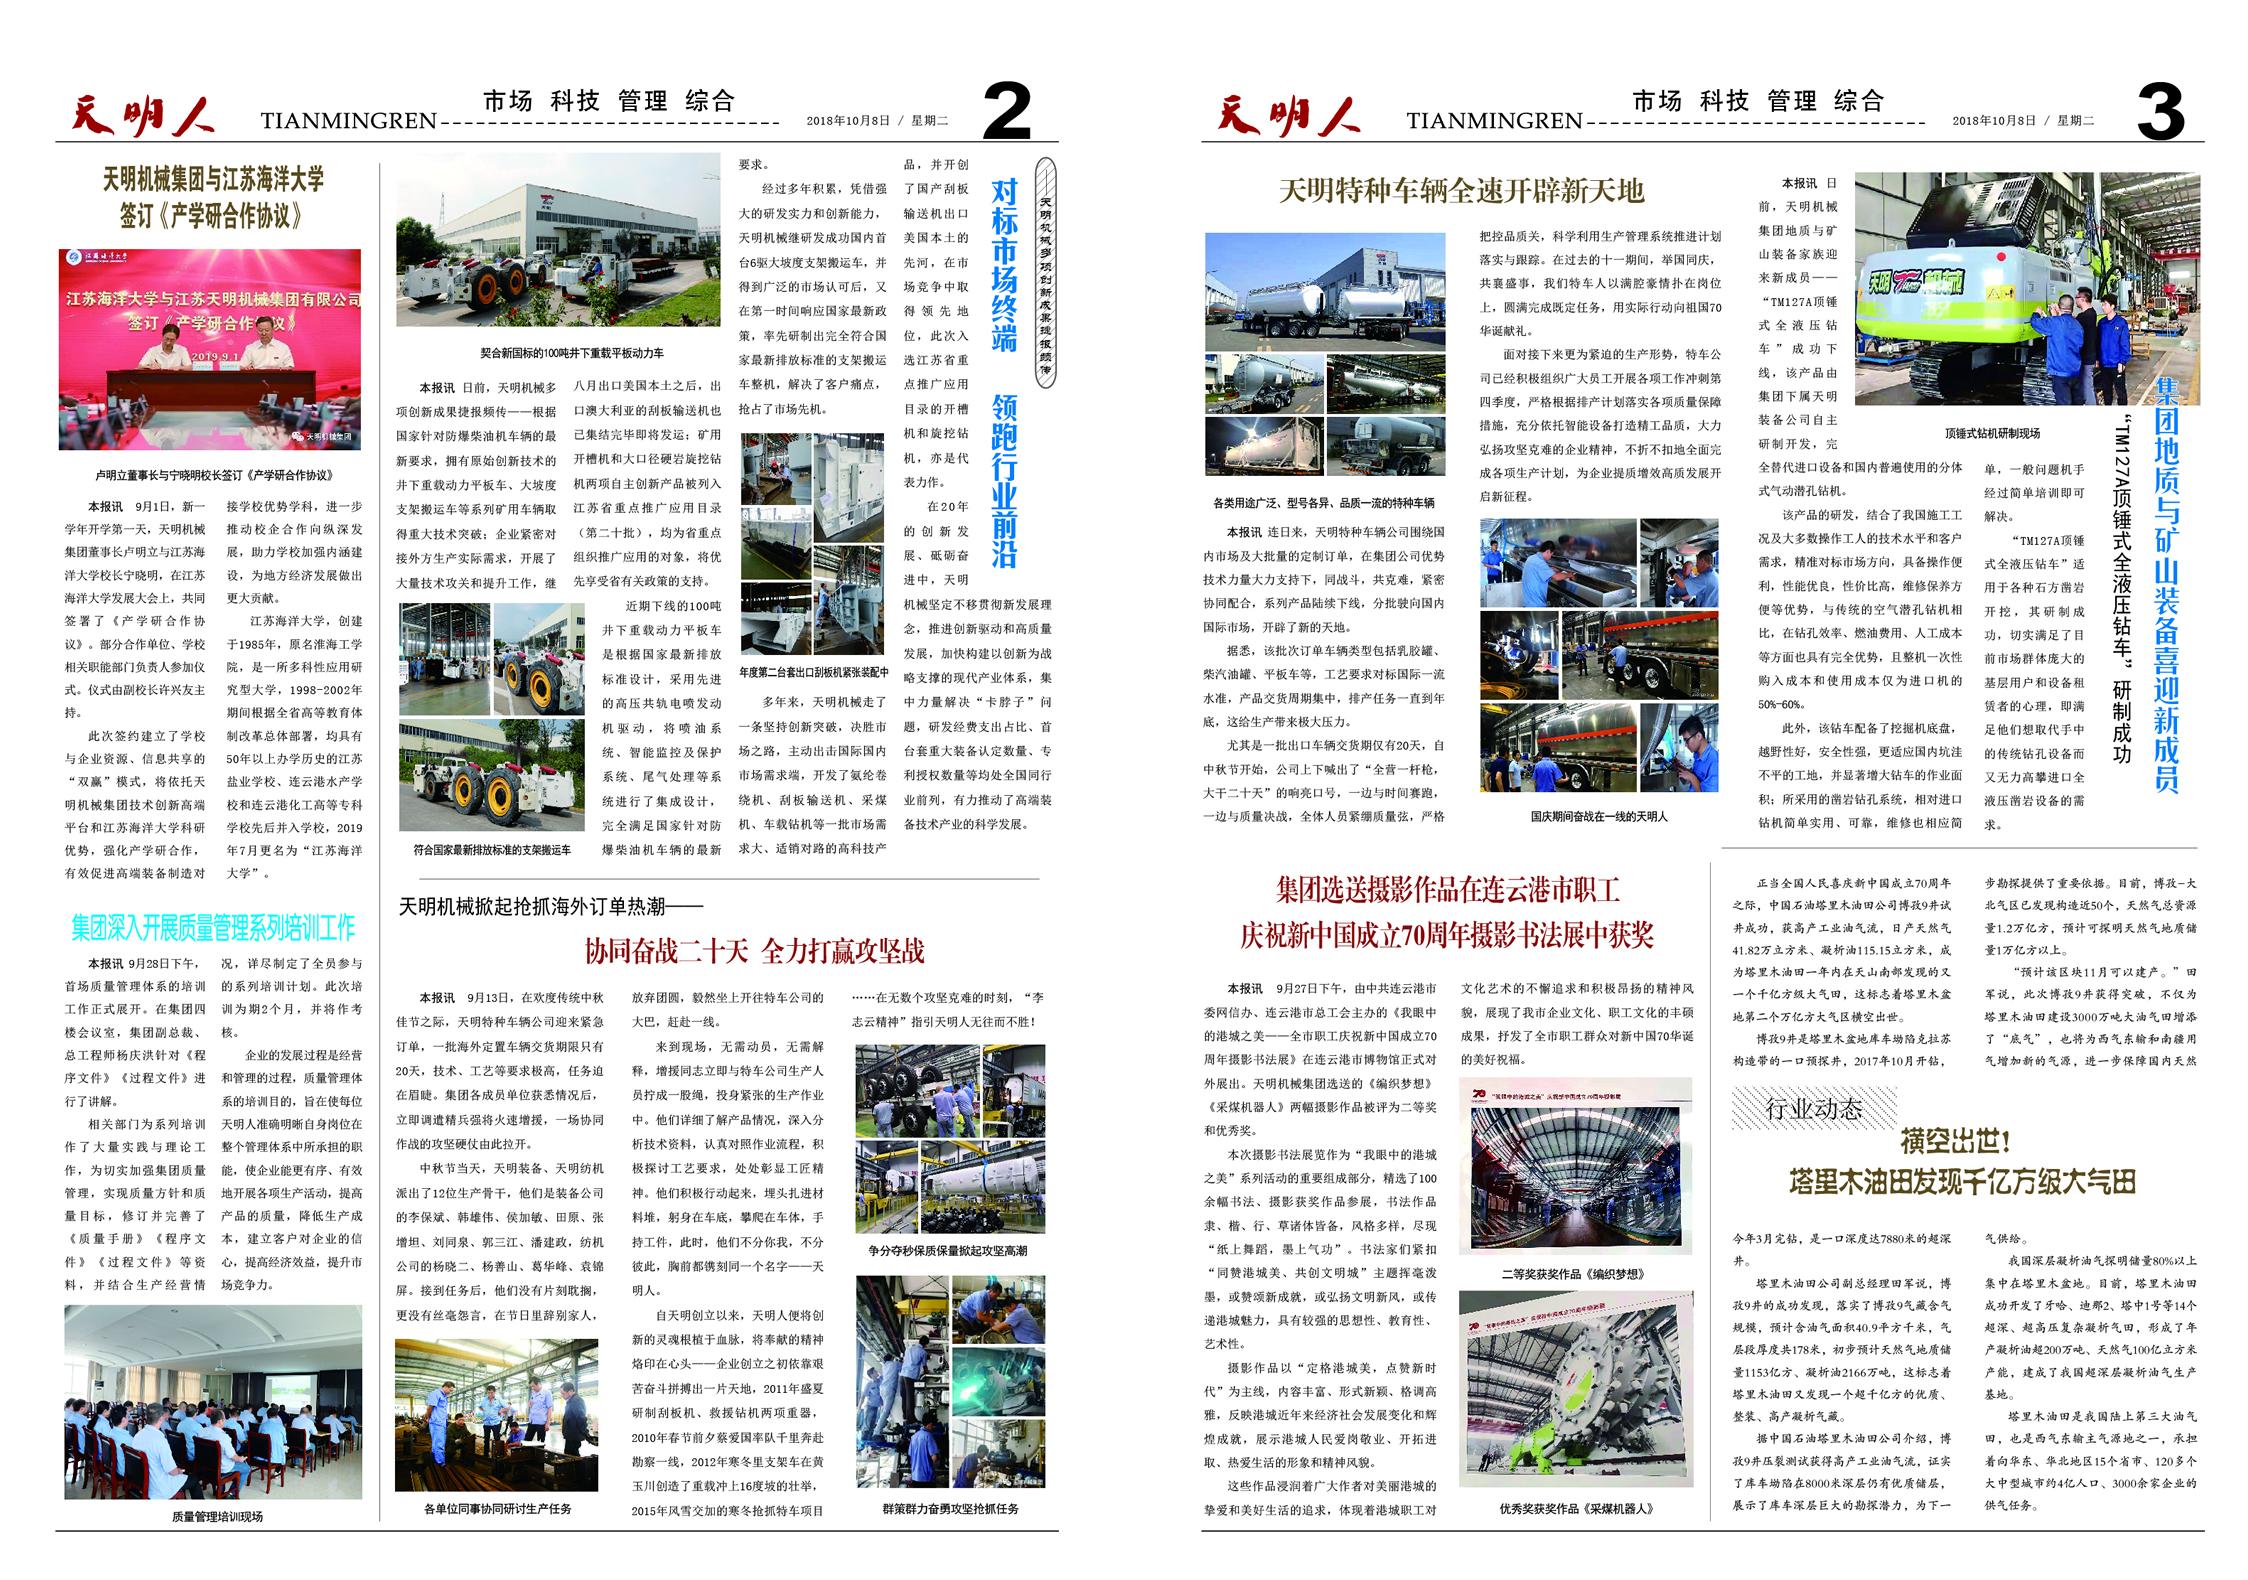 千赢国际官方下载_千赢国际APP下载_千赢QYAPP下载人2019年第六期(总第126期)2、3版